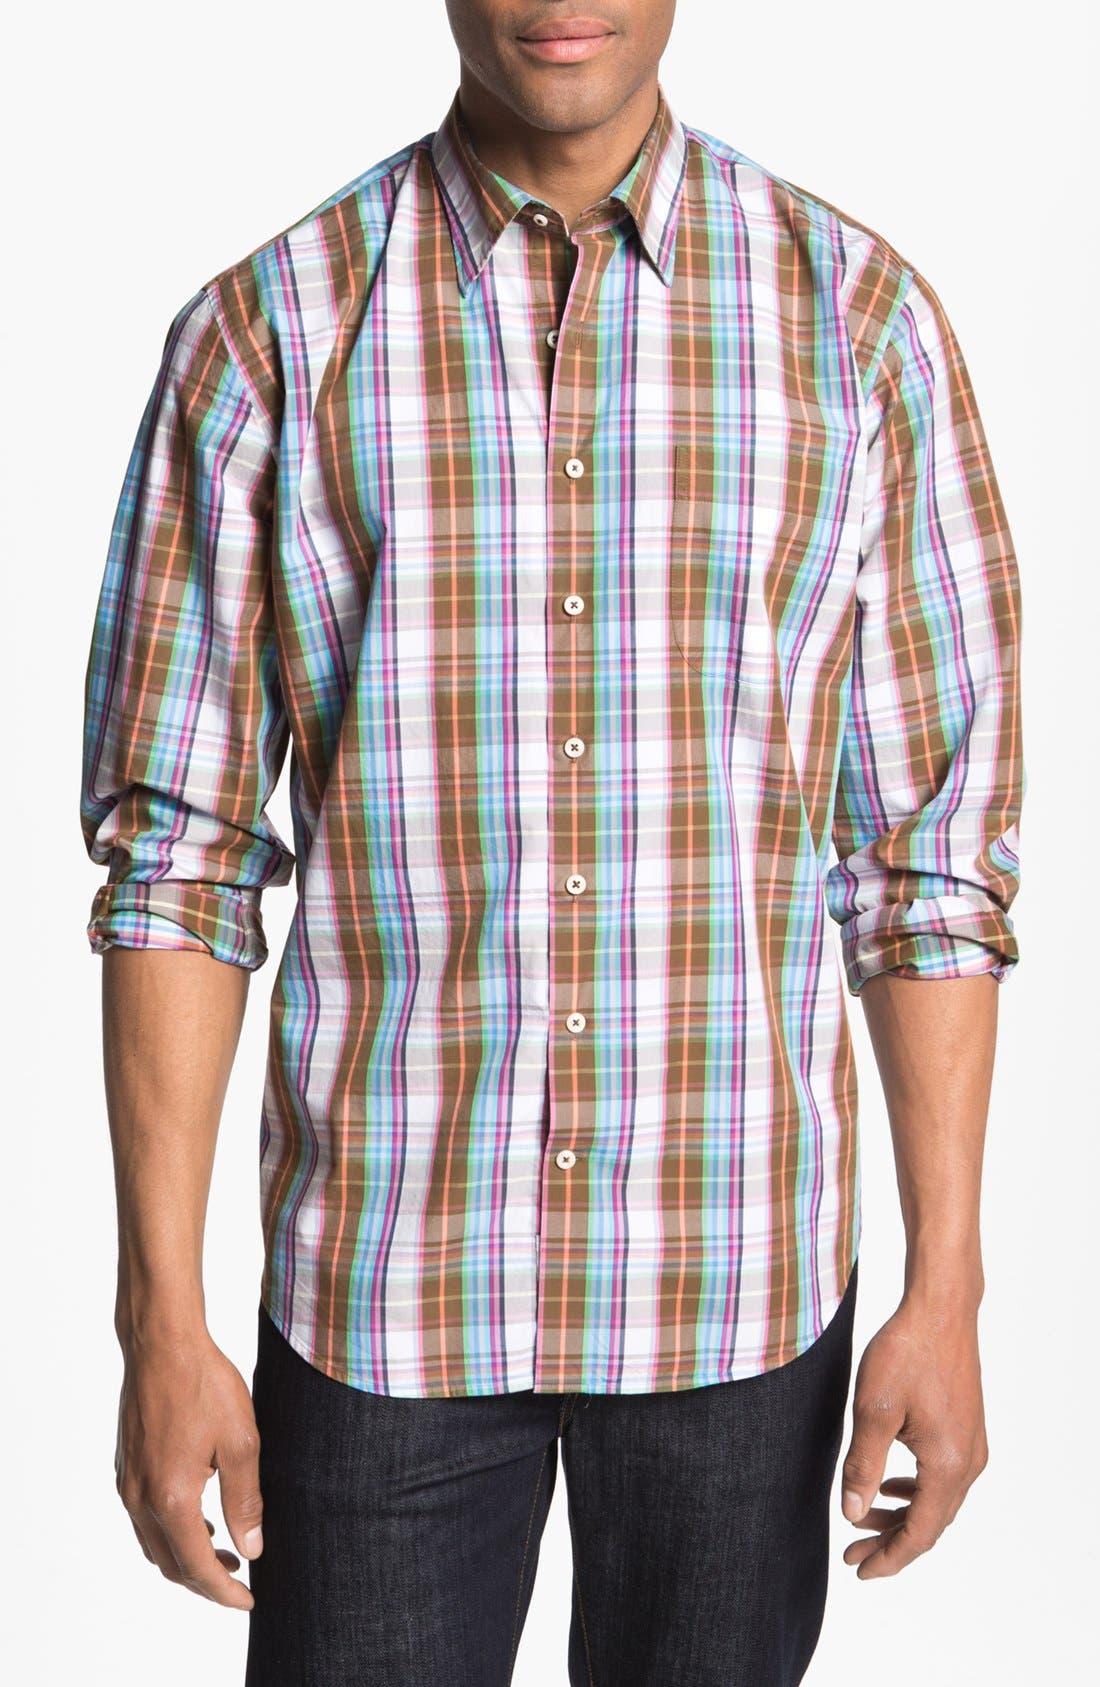 Alternate Image 1 Selected - Peter Millar 'Pinwheel' Sport Shirt